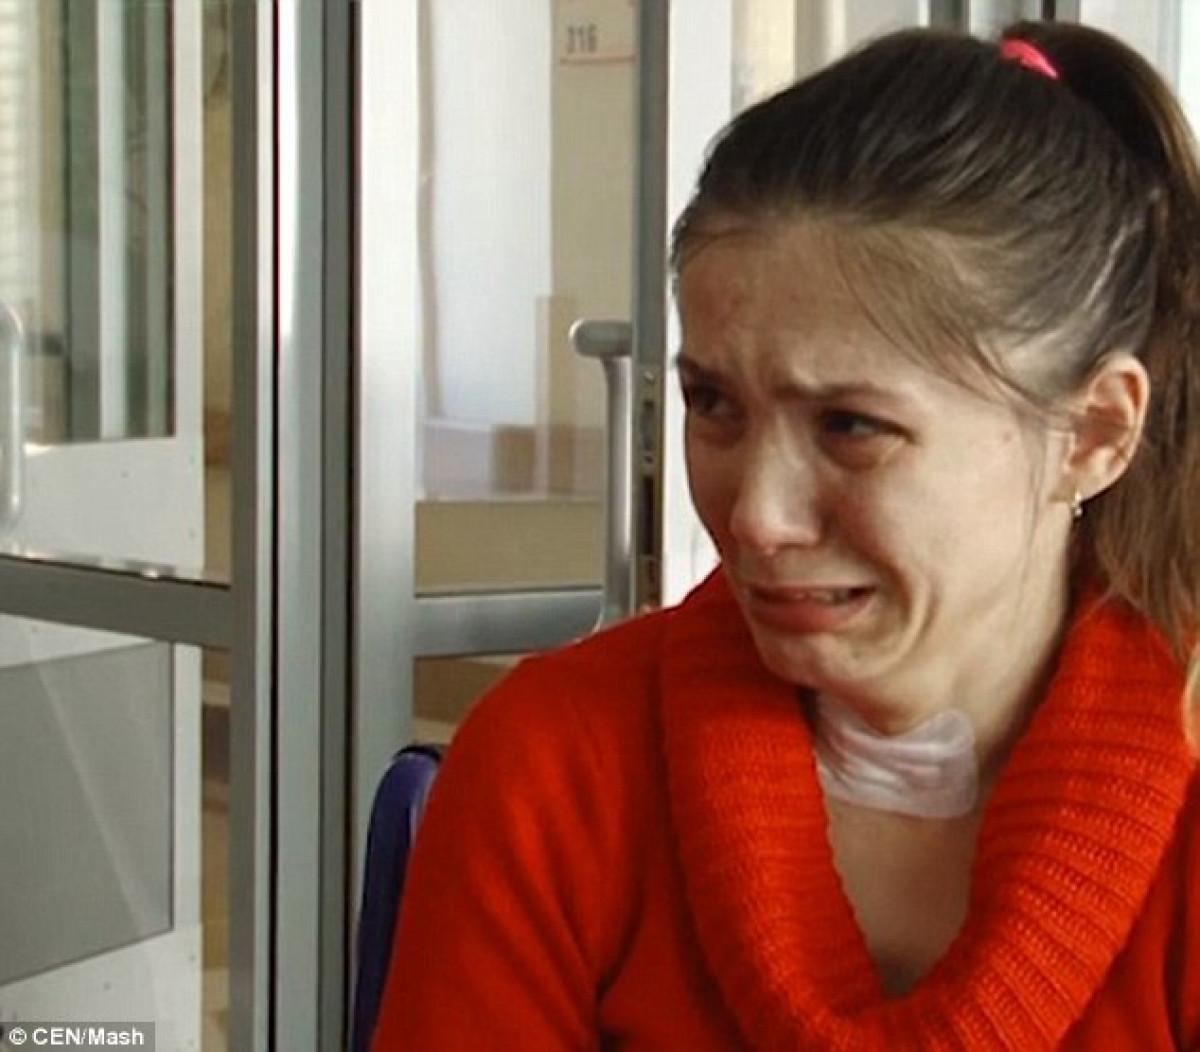 Veronika Mescheryakova, de 29 au00f1os, piensa que su compau00f1ero estu00e1 trabajando y que regresaru00e1 por la noche CEN Mash